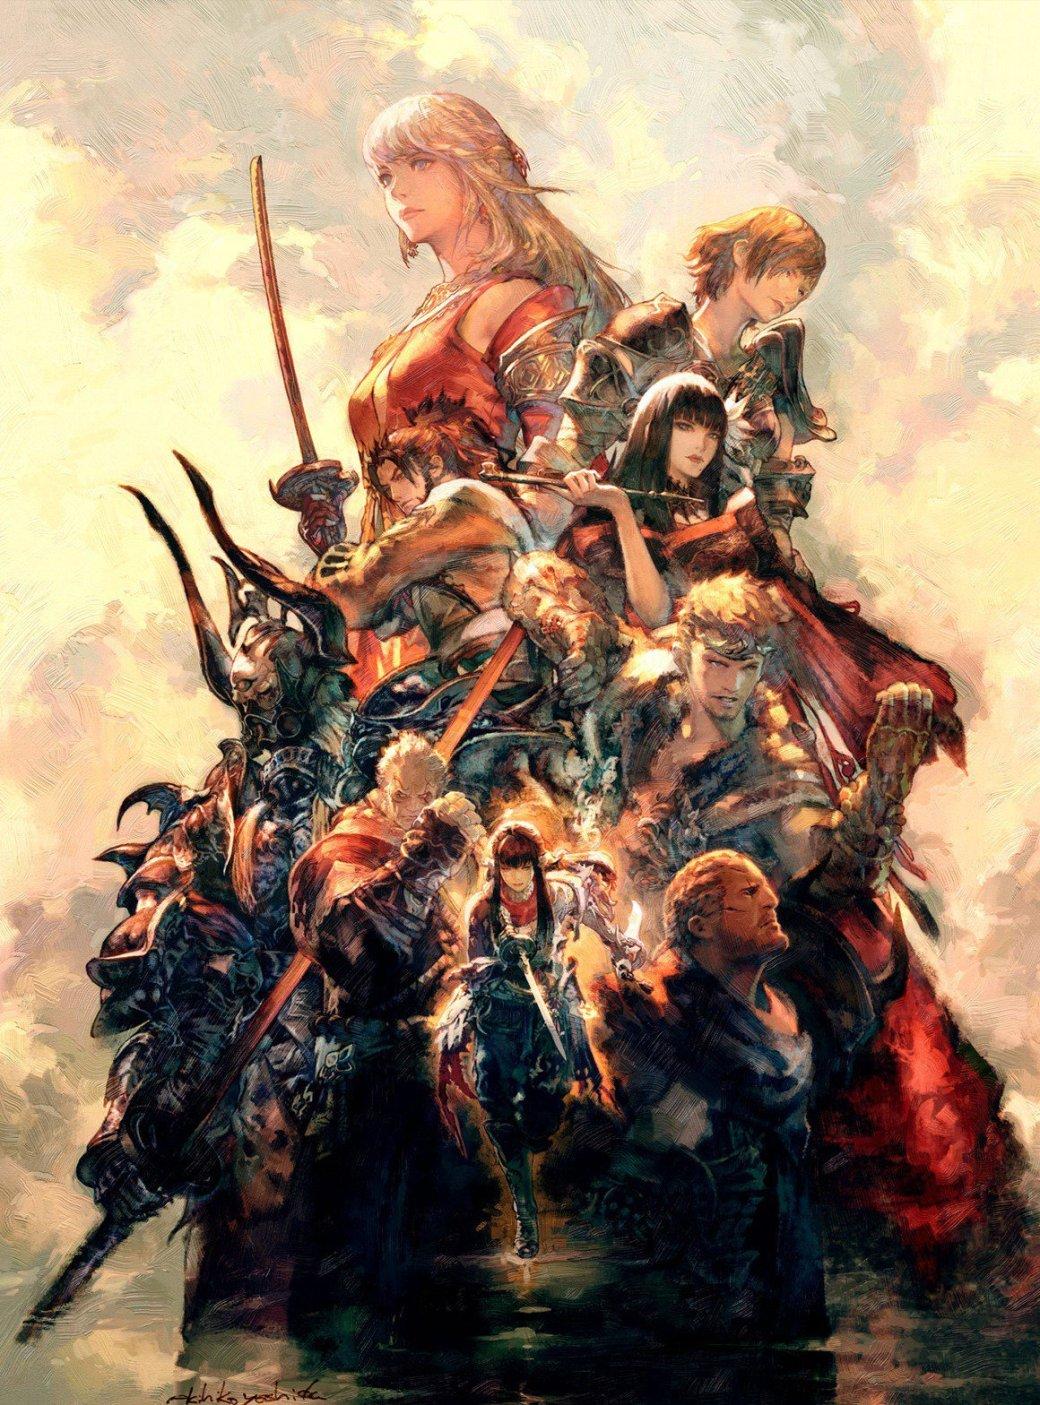 Рецензия на Final Fantasy 14: Stormblood. Обзор игры - Изображение 6